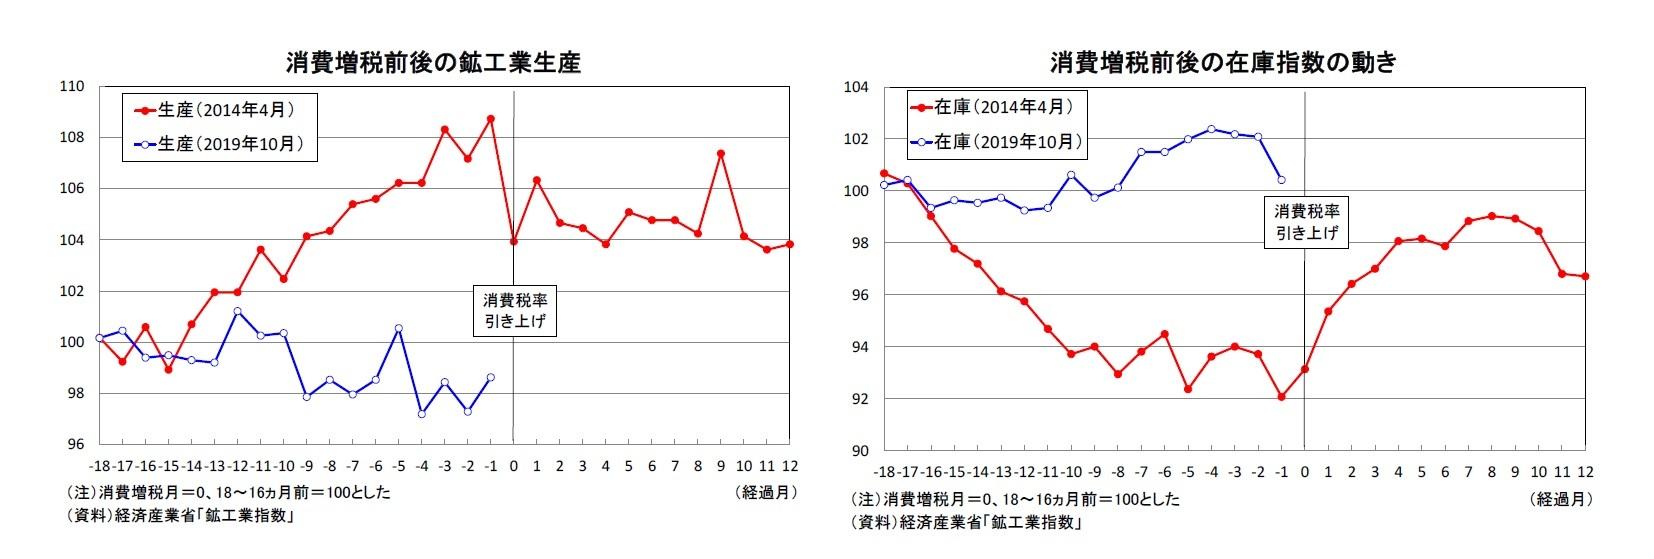 消費増税前後の鉱工業生産/消費増税前後の在庫指数の動き